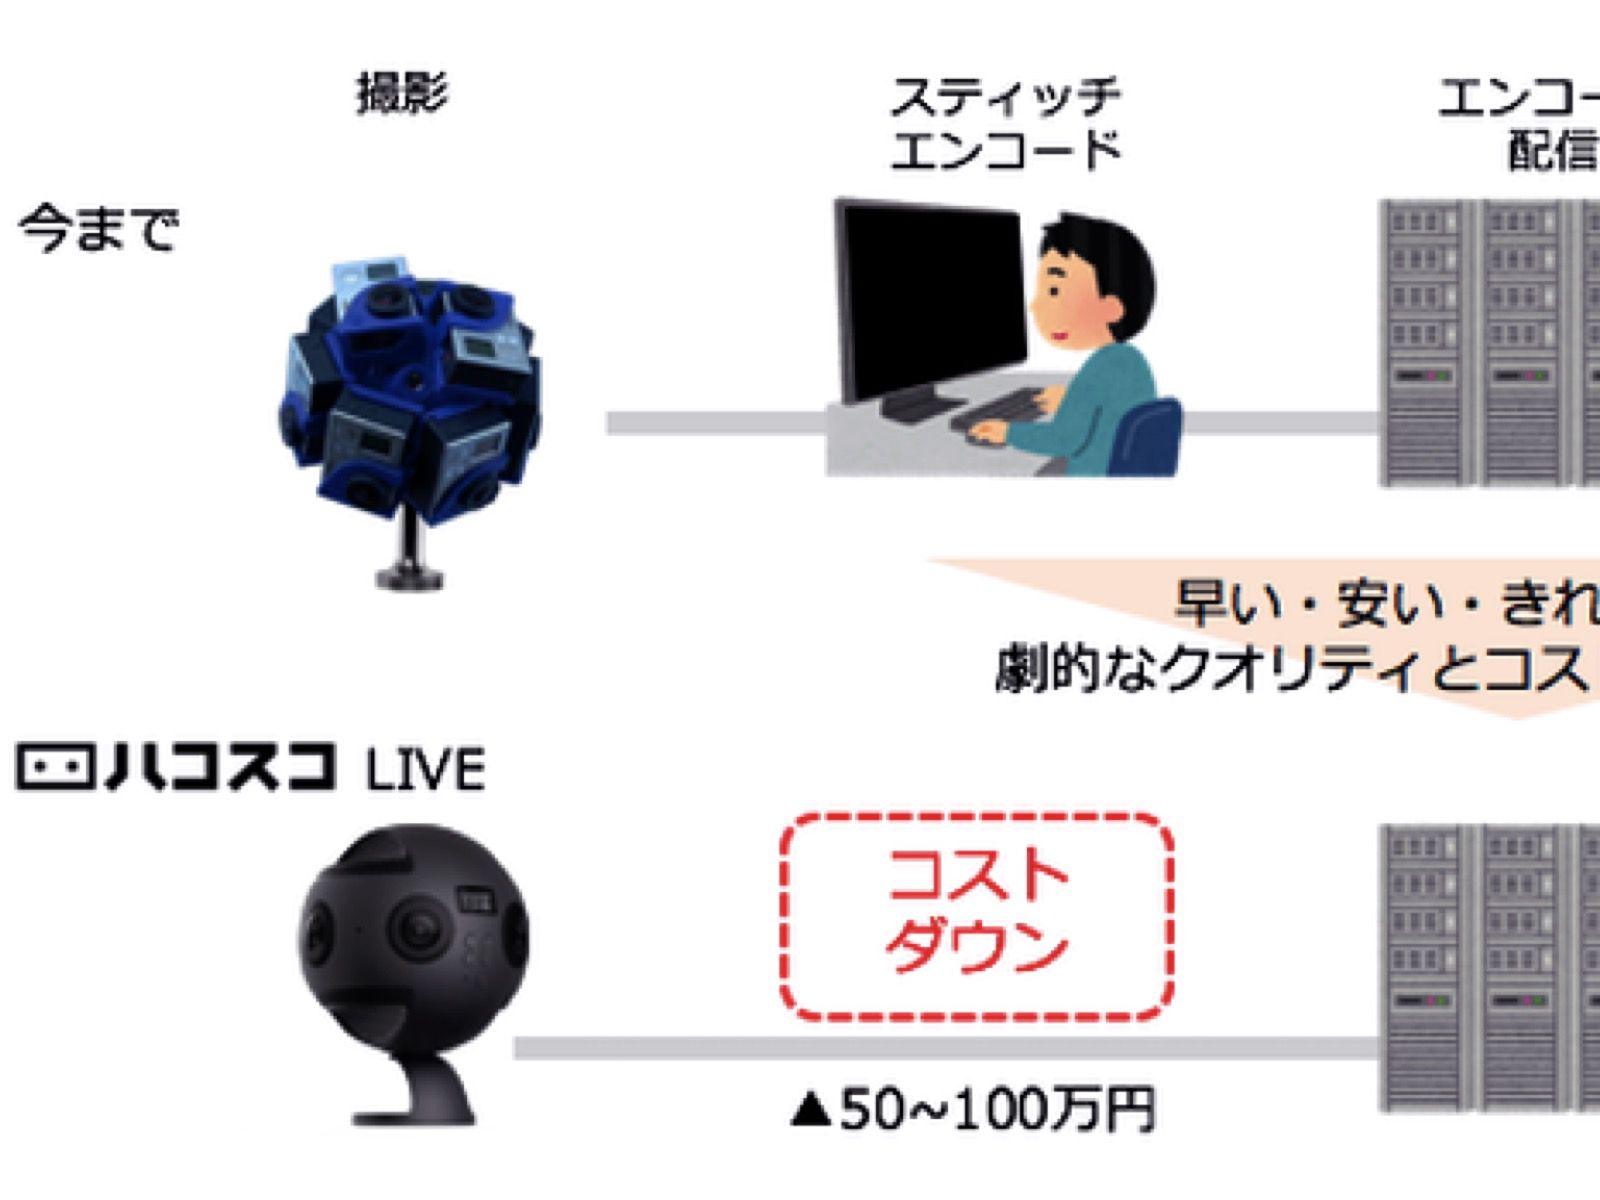 「ハコスコLIVE」ベータ提供開始、360度生配信でライブ参戦できる